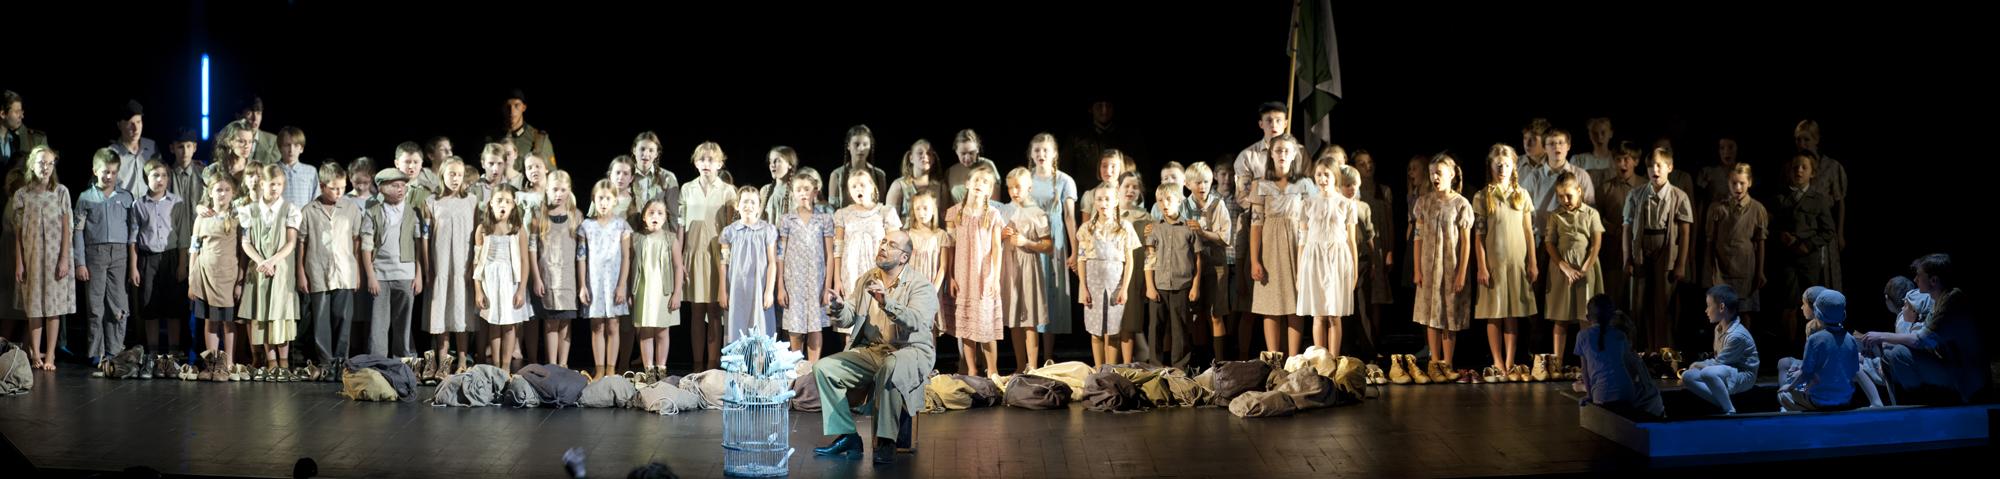 Scena wypełniona dziećmi stojących w rzędzie. Za nimi kilku mężczyzn w mundurach. Na środku siedzi mężczyzna